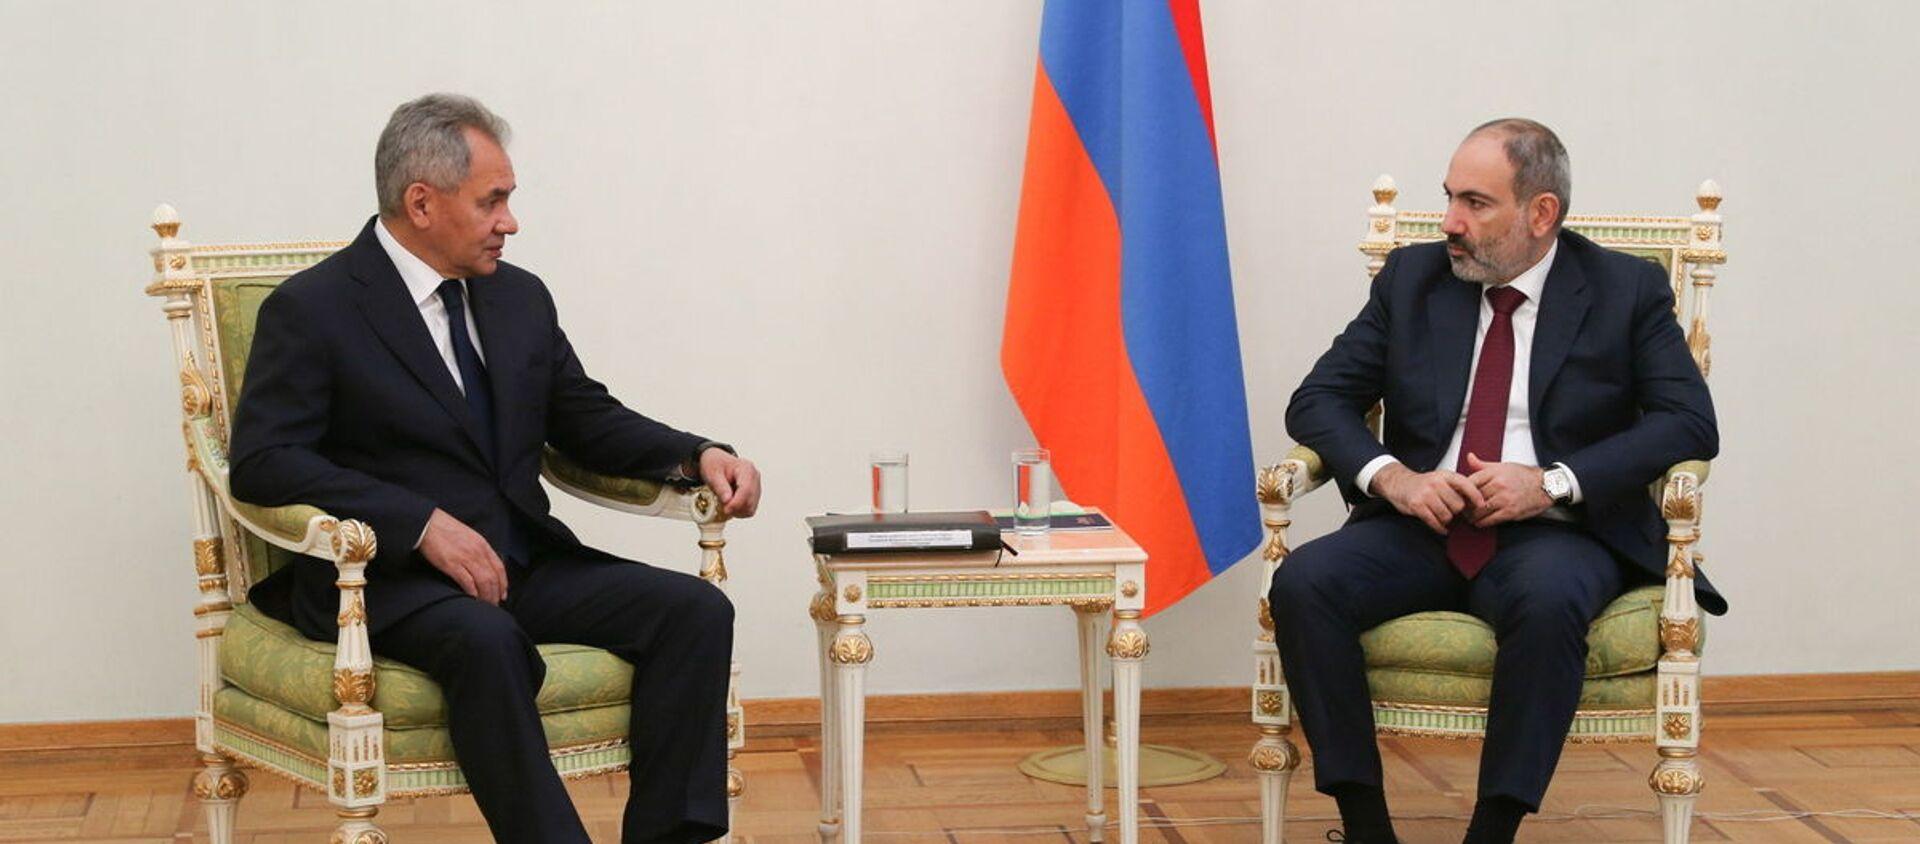 Bộ trưởng Quốc phòng Nga Sergei Shoigu tại cuộc gặp với Thủ tướng Armenia Nikol Pashinyan ở Yerevan, (Armenia). - Sputnik Việt Nam, 1920, 21.11.2020